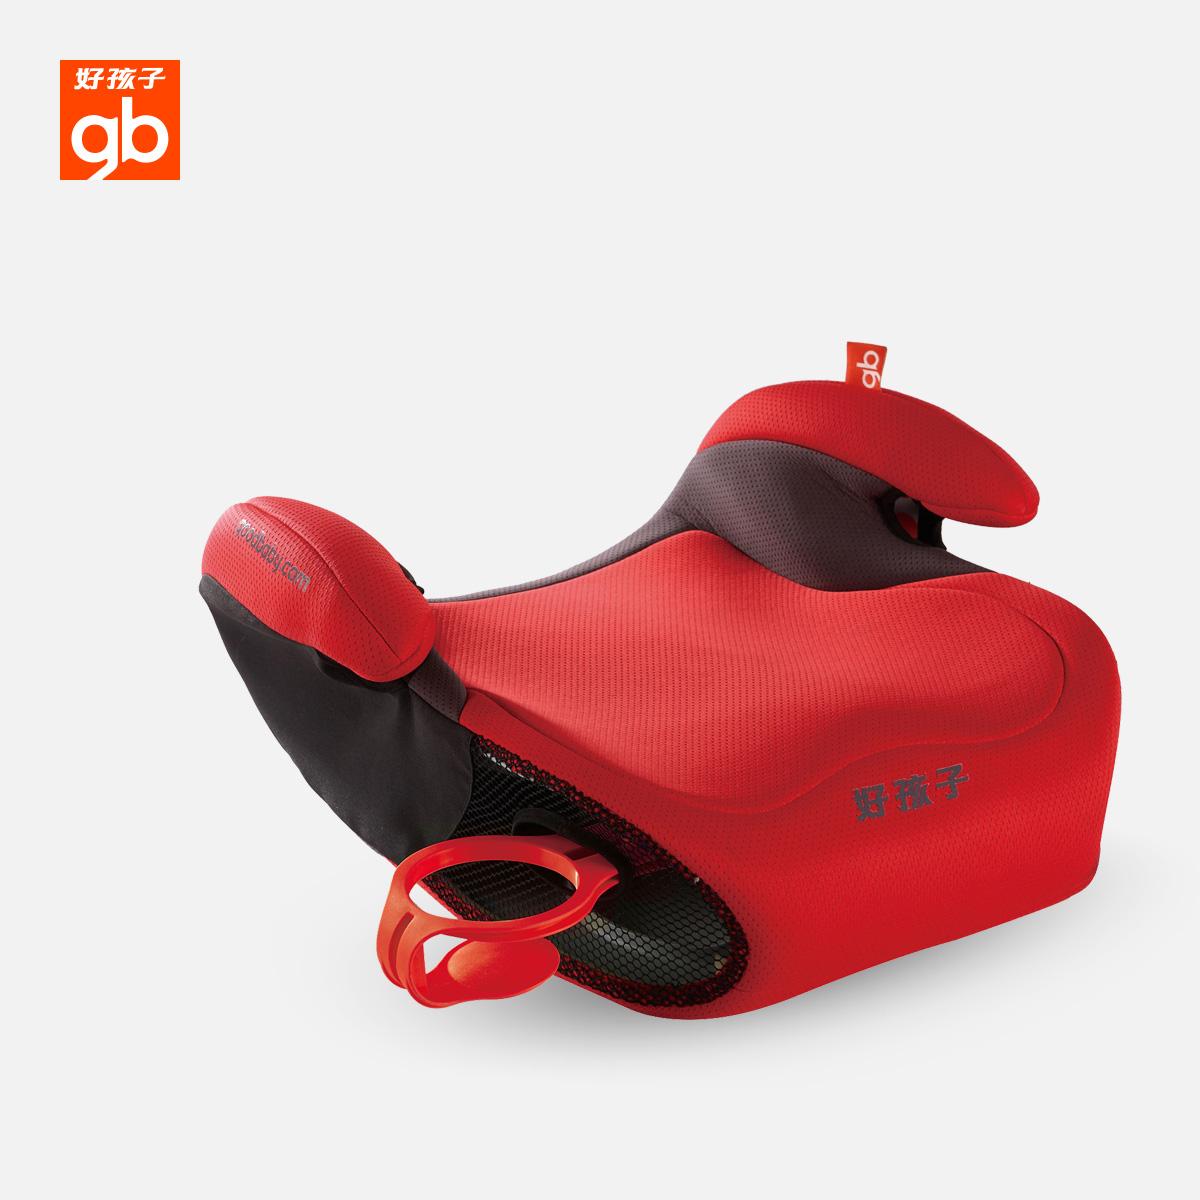 好孩子安全座椅增高垫便携车载通用简易3-12岁汽车儿童坐垫cs100